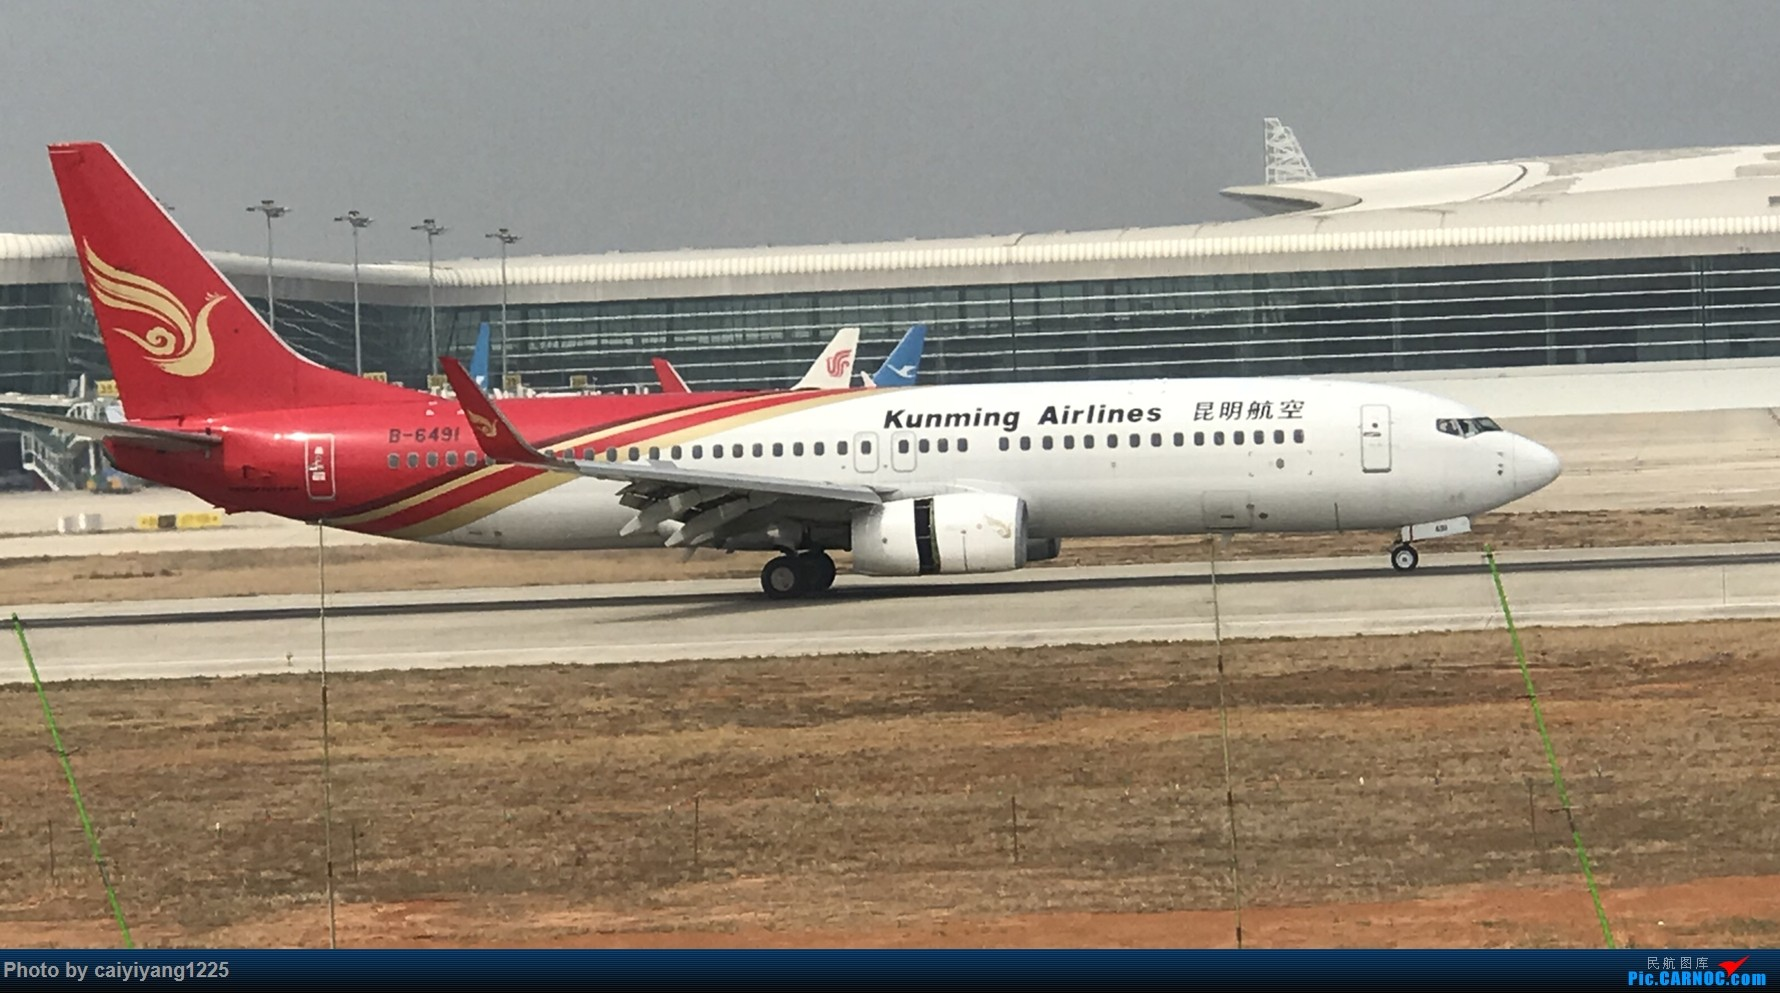 Re:[原创]武汉国庆拍机ps:出门忘带相机 拿手机拍的烂货请见谅! BOEING 737-800 B-6491 武汉天河国际机场